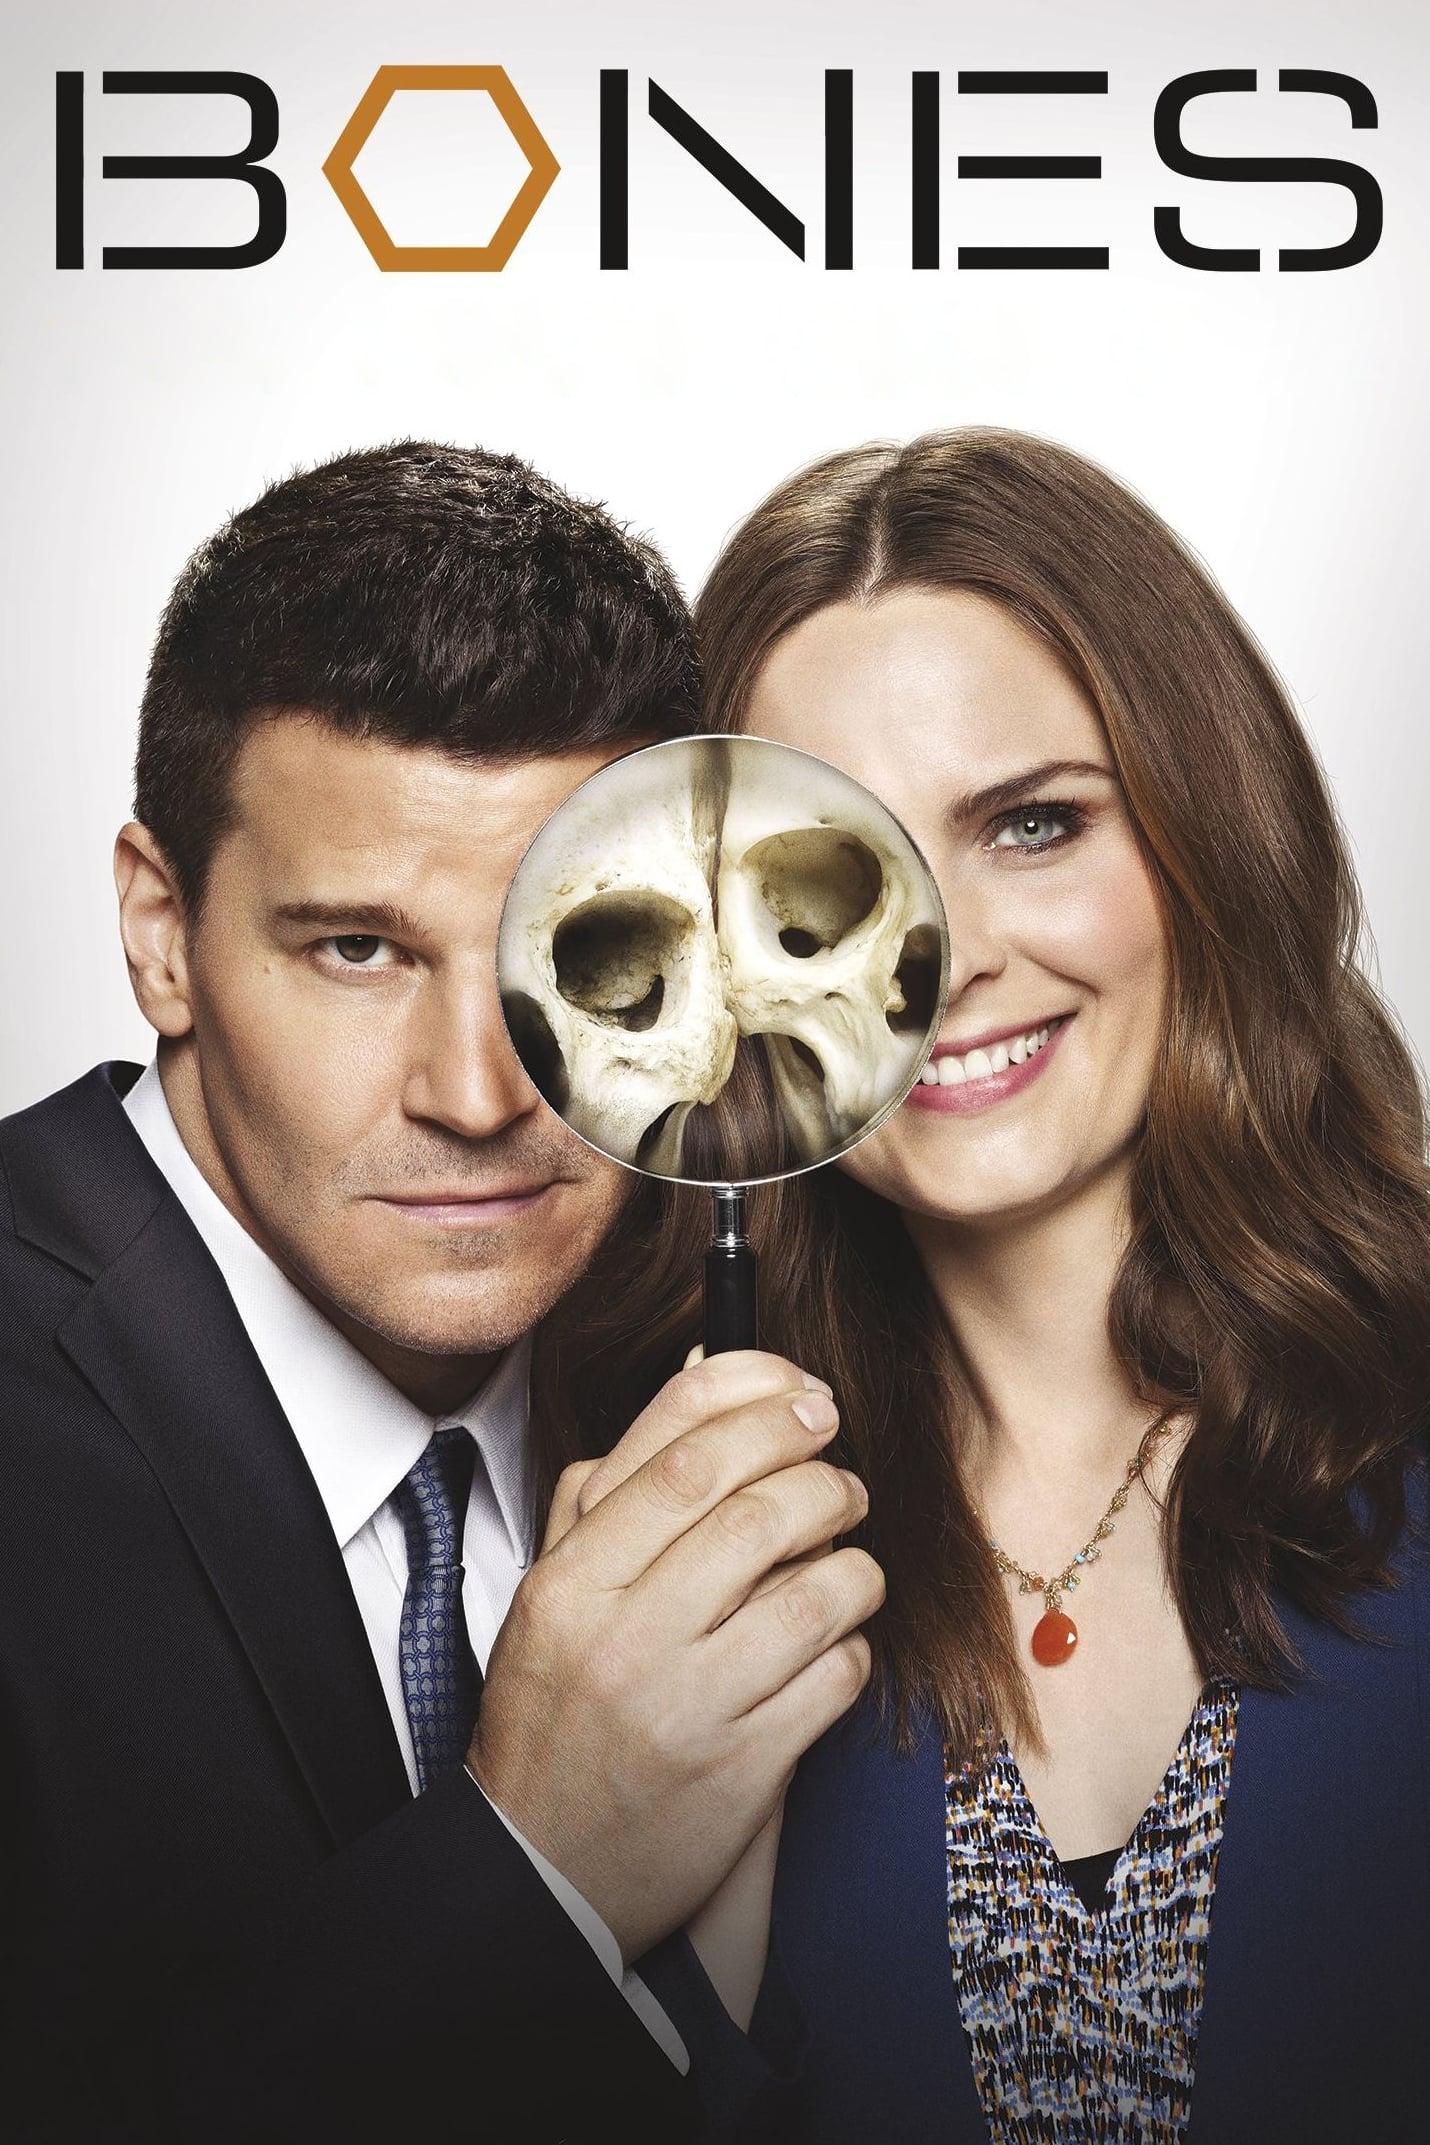 Bones series tv complet